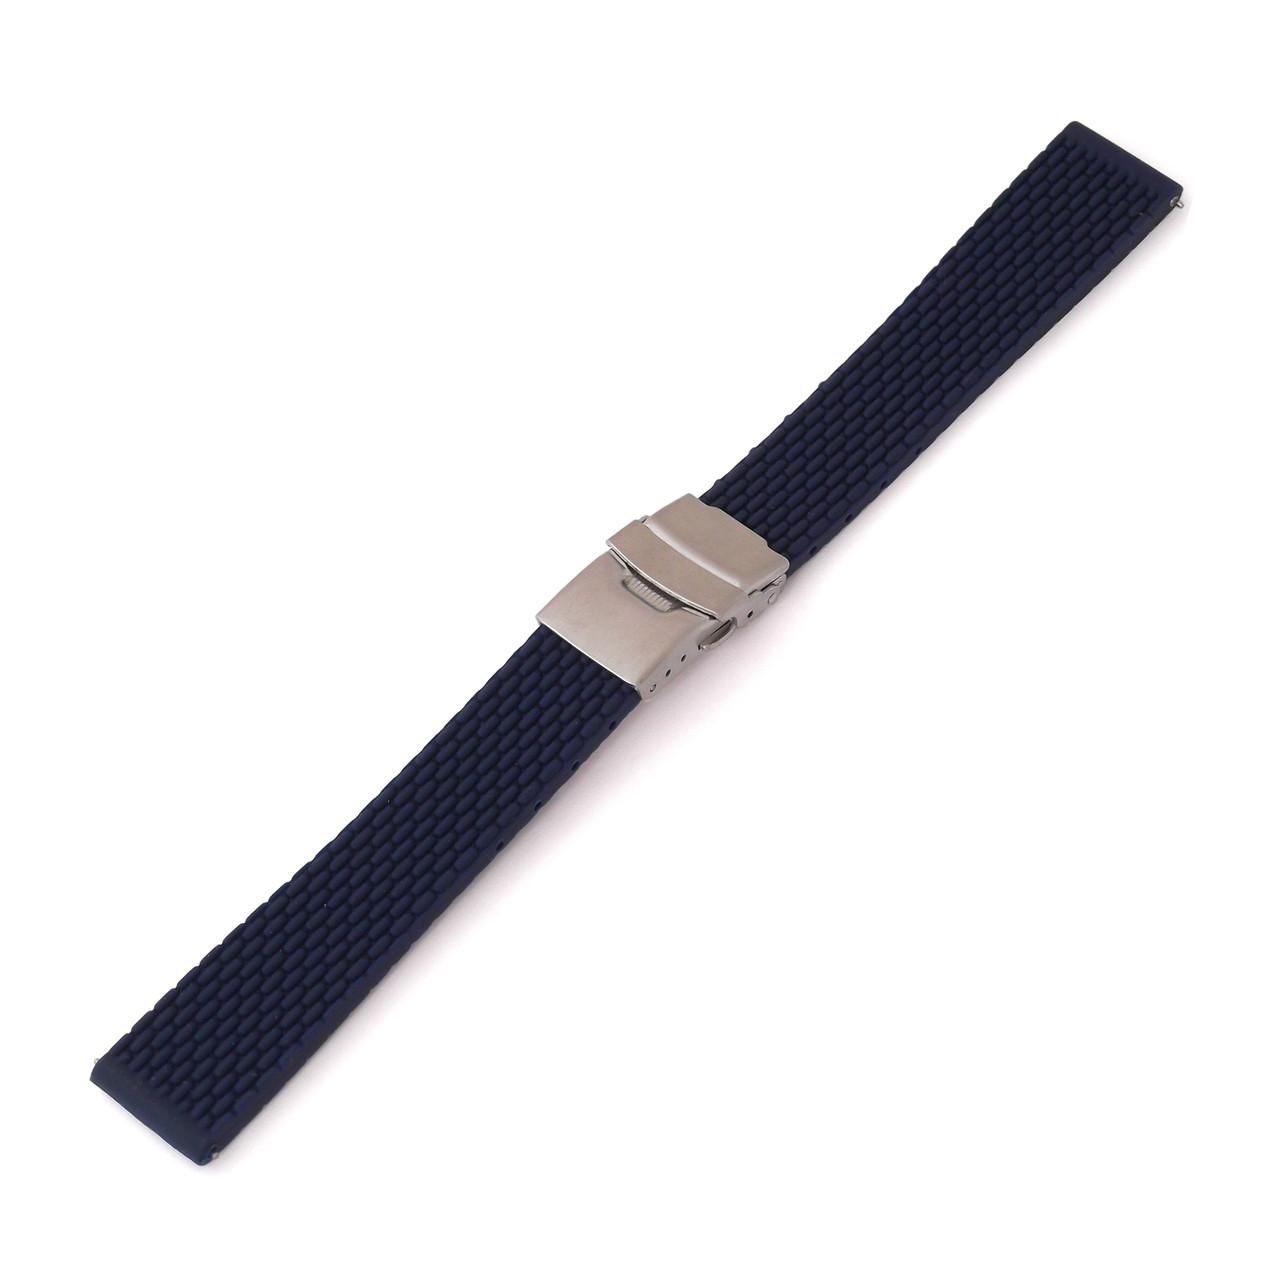 Ремешок каучуковый для наручных часов с застежкой фиксатором, темно-синий, 20 мм